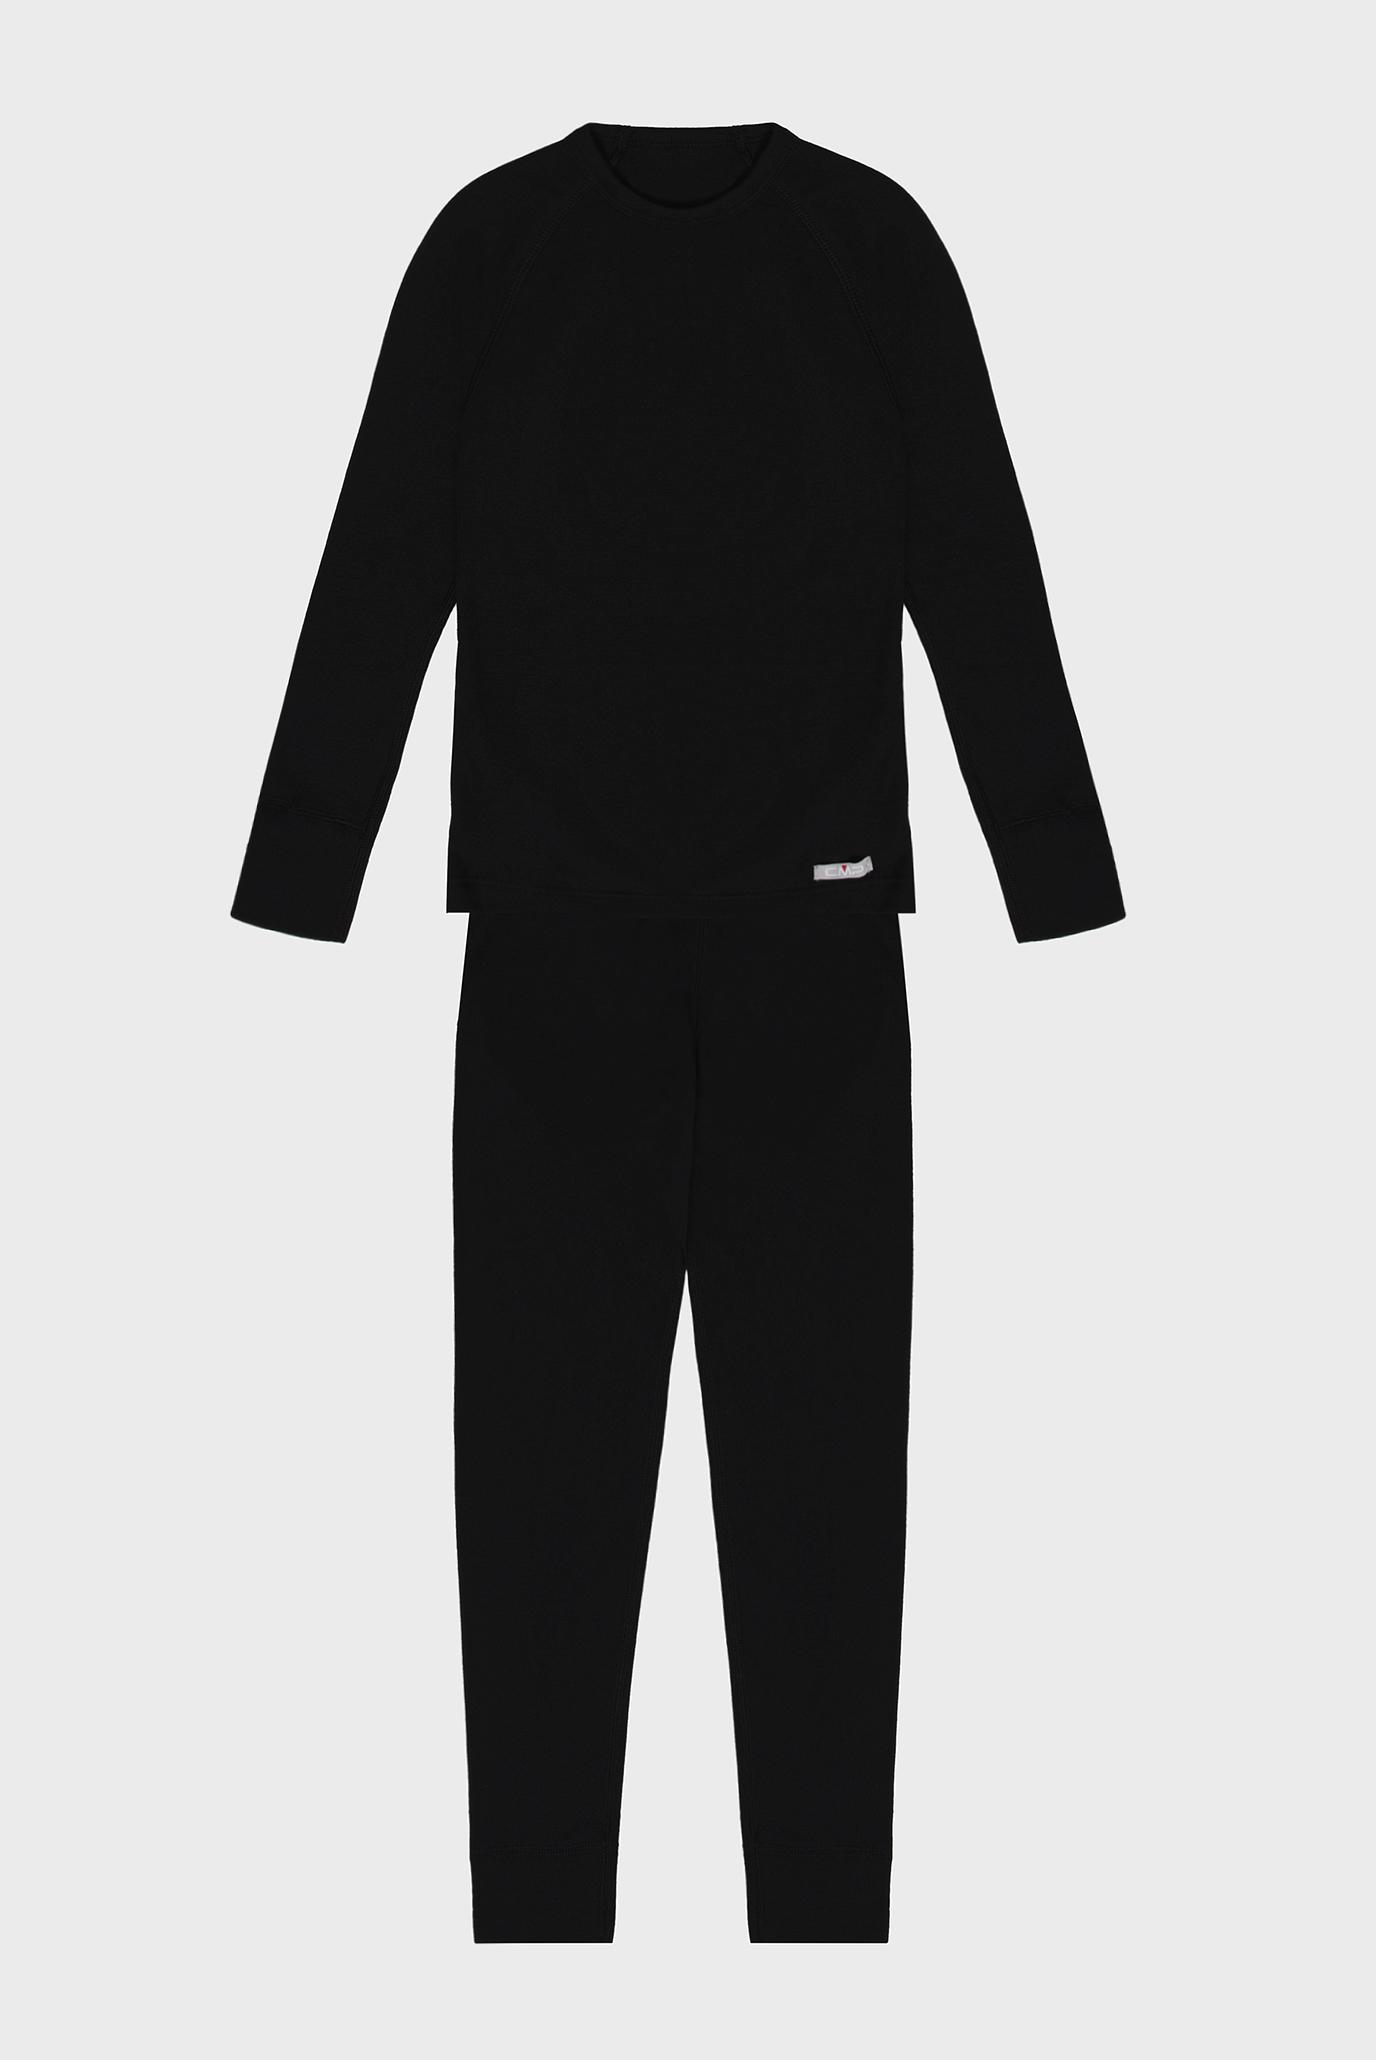 Дитяча чорна термобілизна (лонгслів, брюки) JUNIOR UNDERWEAR 1